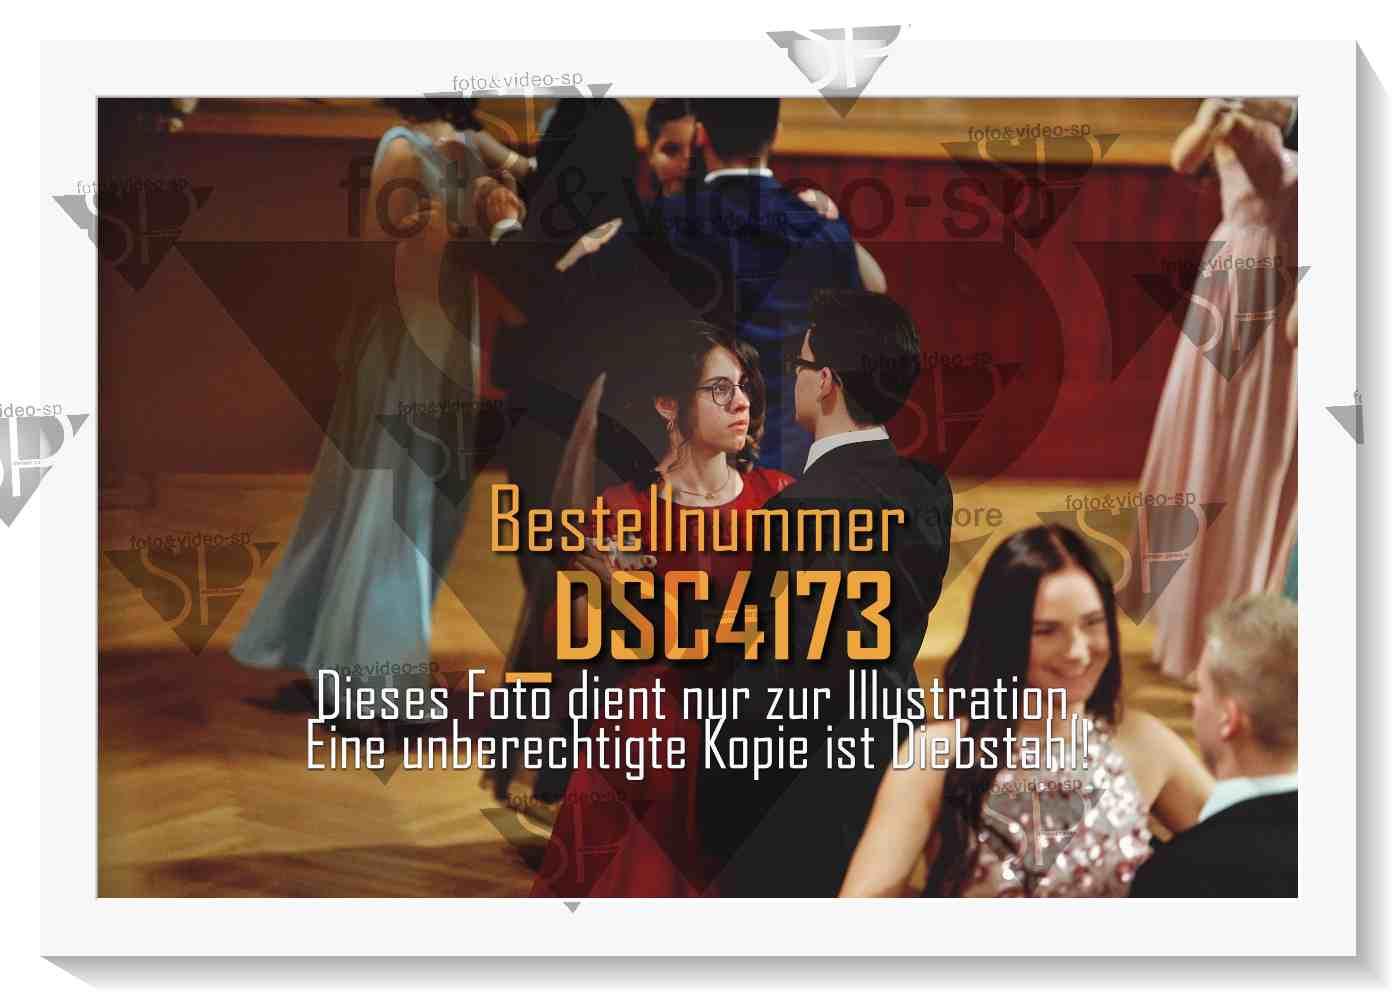 DSC4173